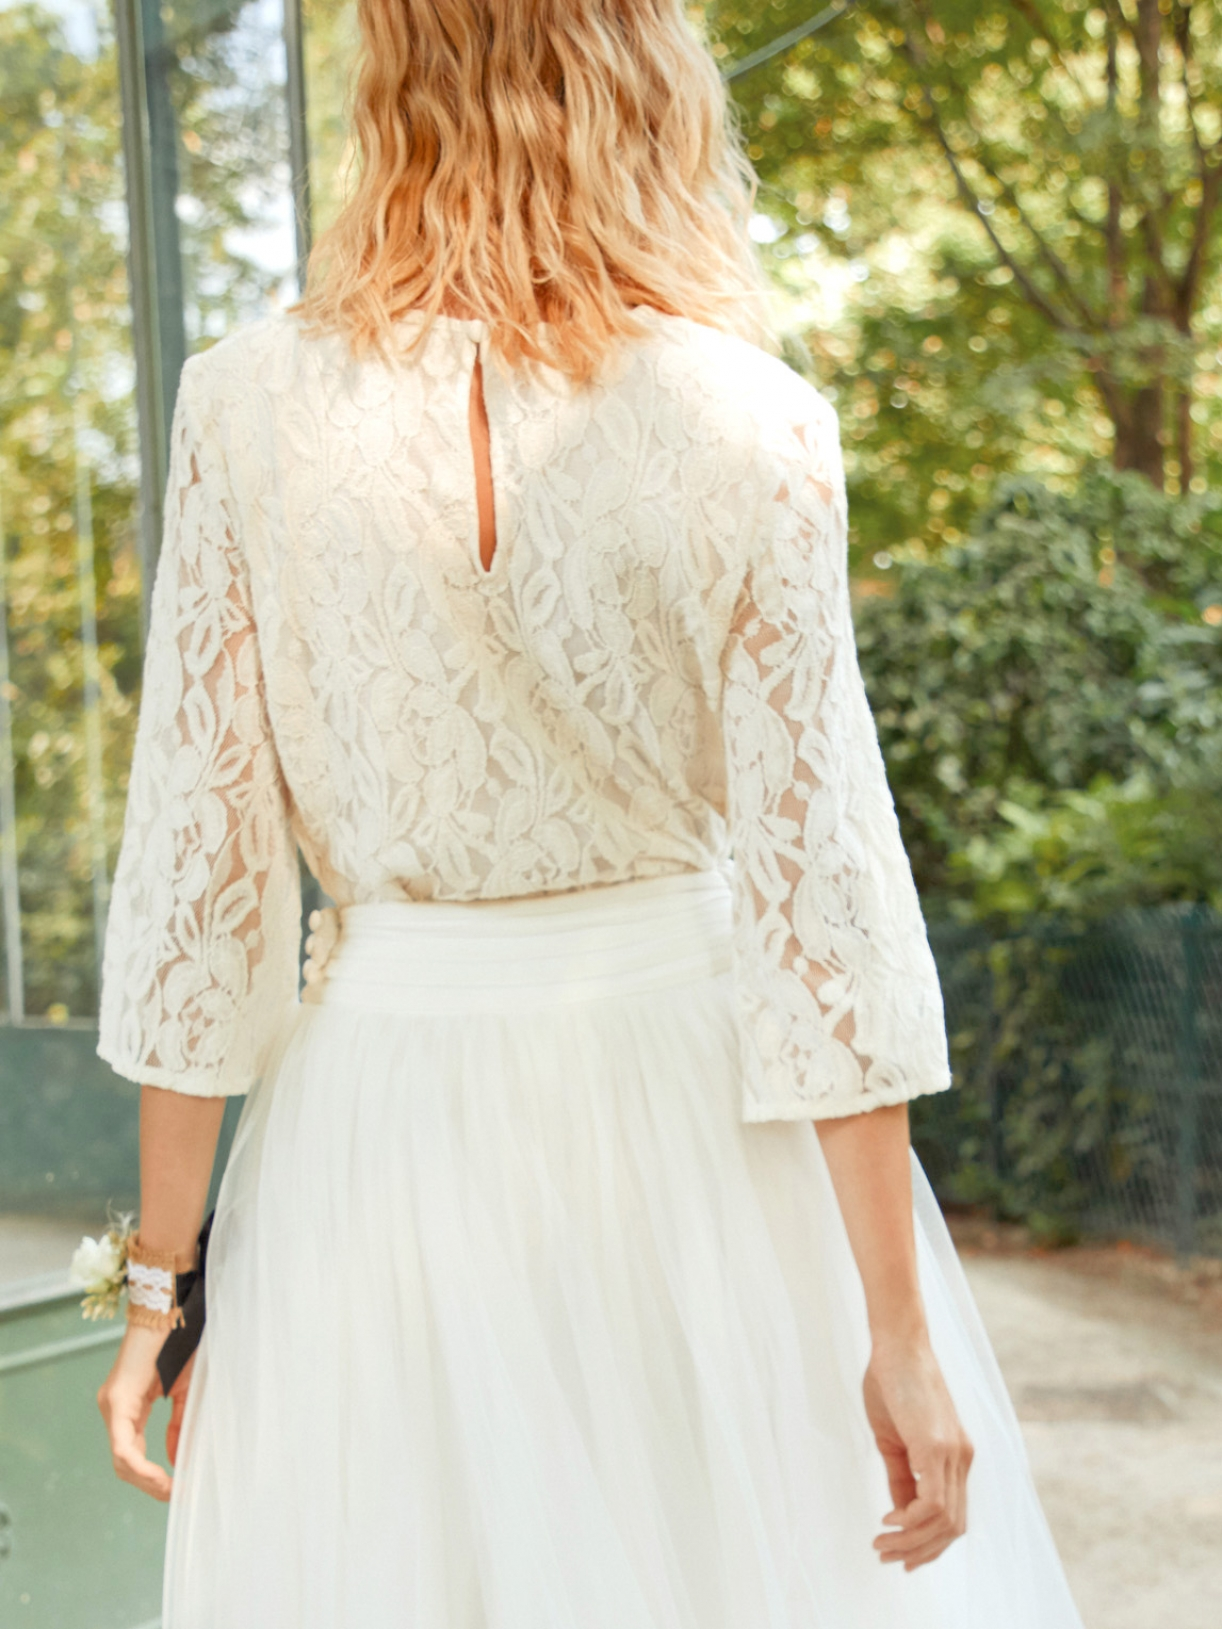 Norma top blouse chemisier de mariée bohème en dentelle à manches mi-longues - Robe de mariée créateur et sur-mesure pas cher a Paris - Myphilosophy